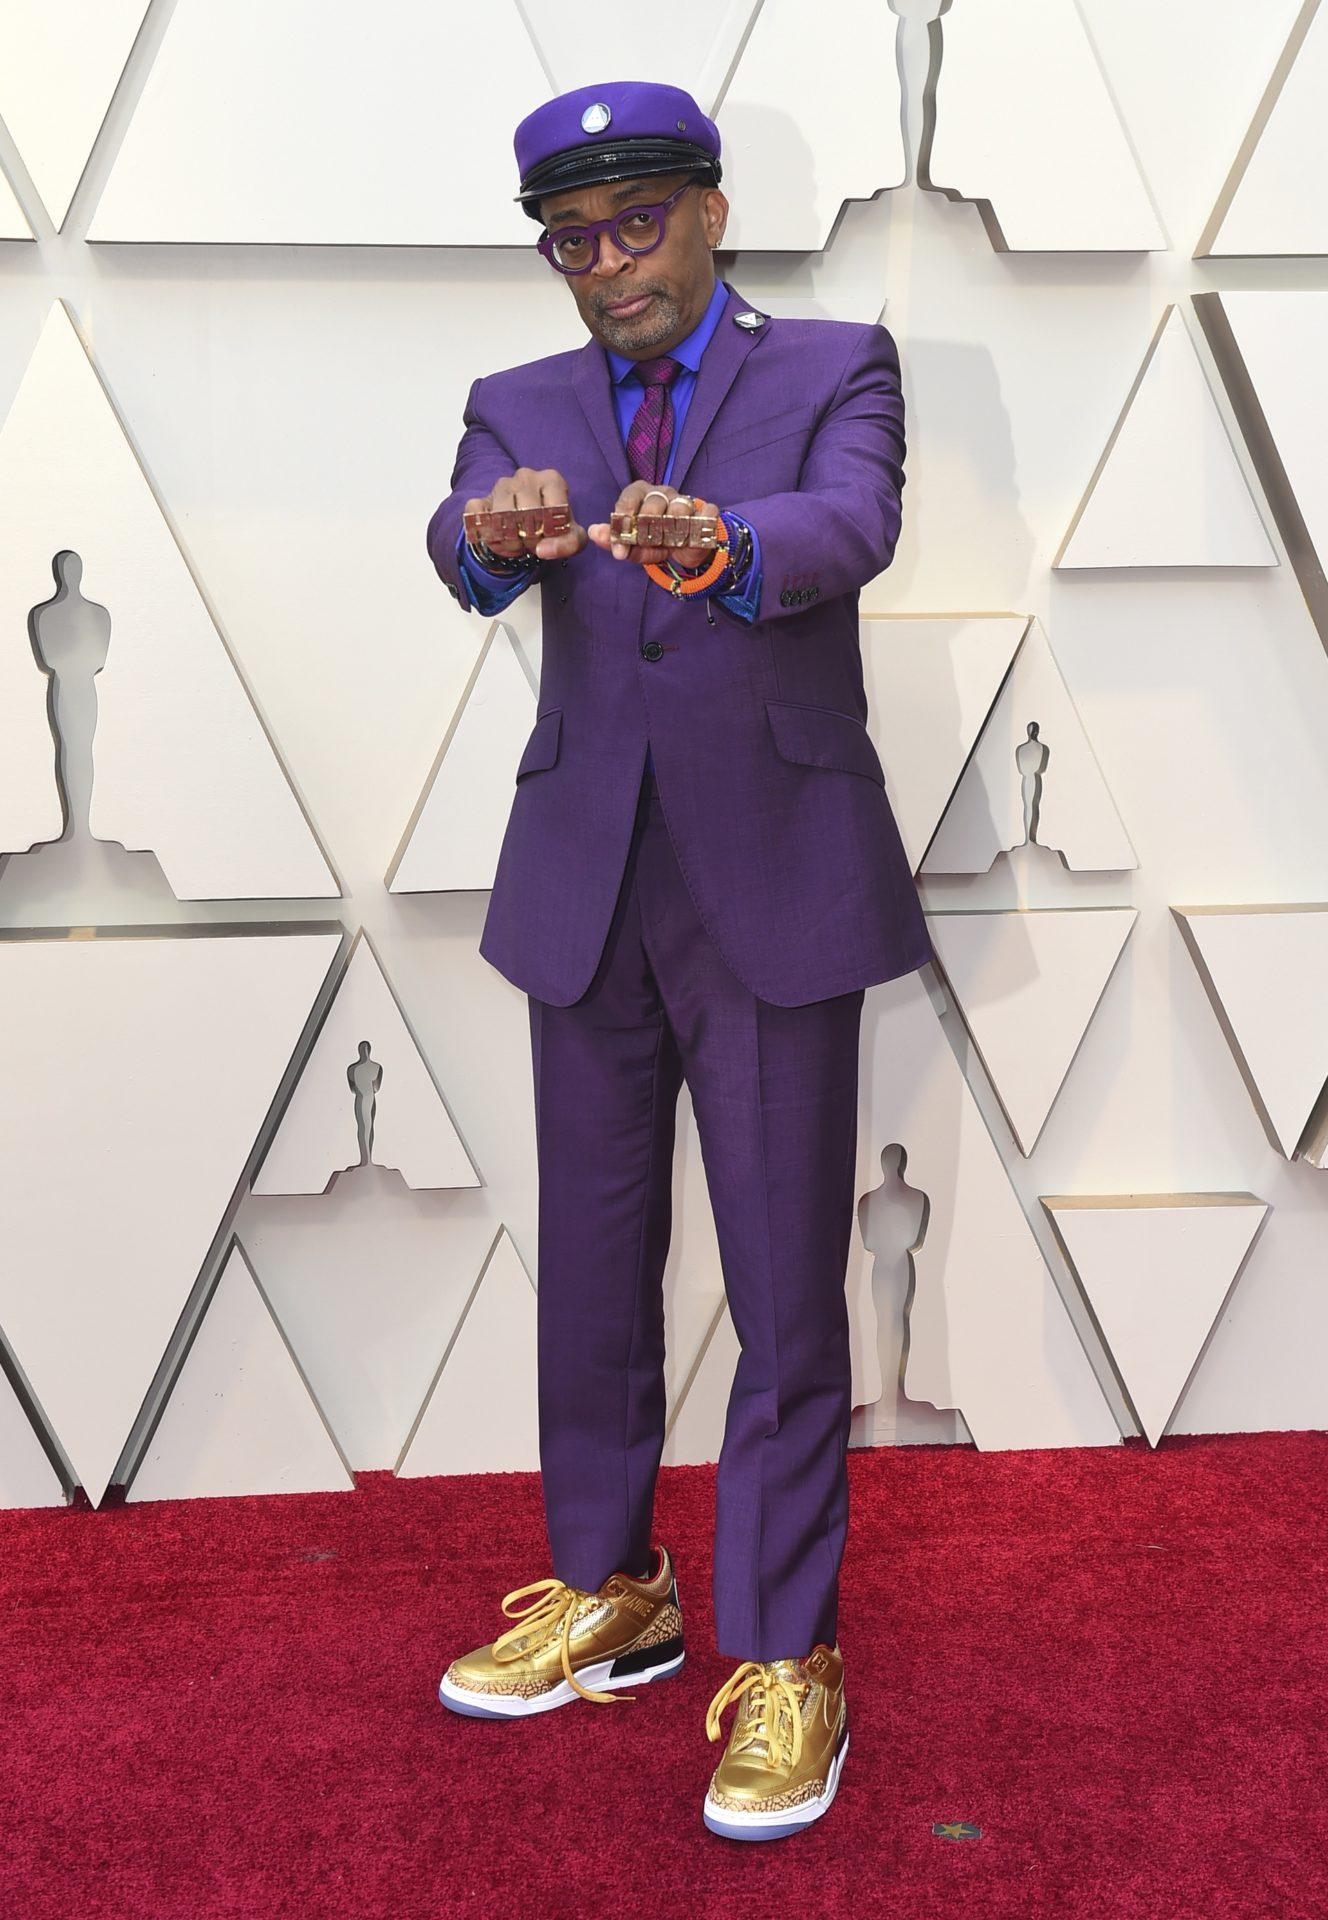 Die besten Oscar Looks 2019: Spike Lee